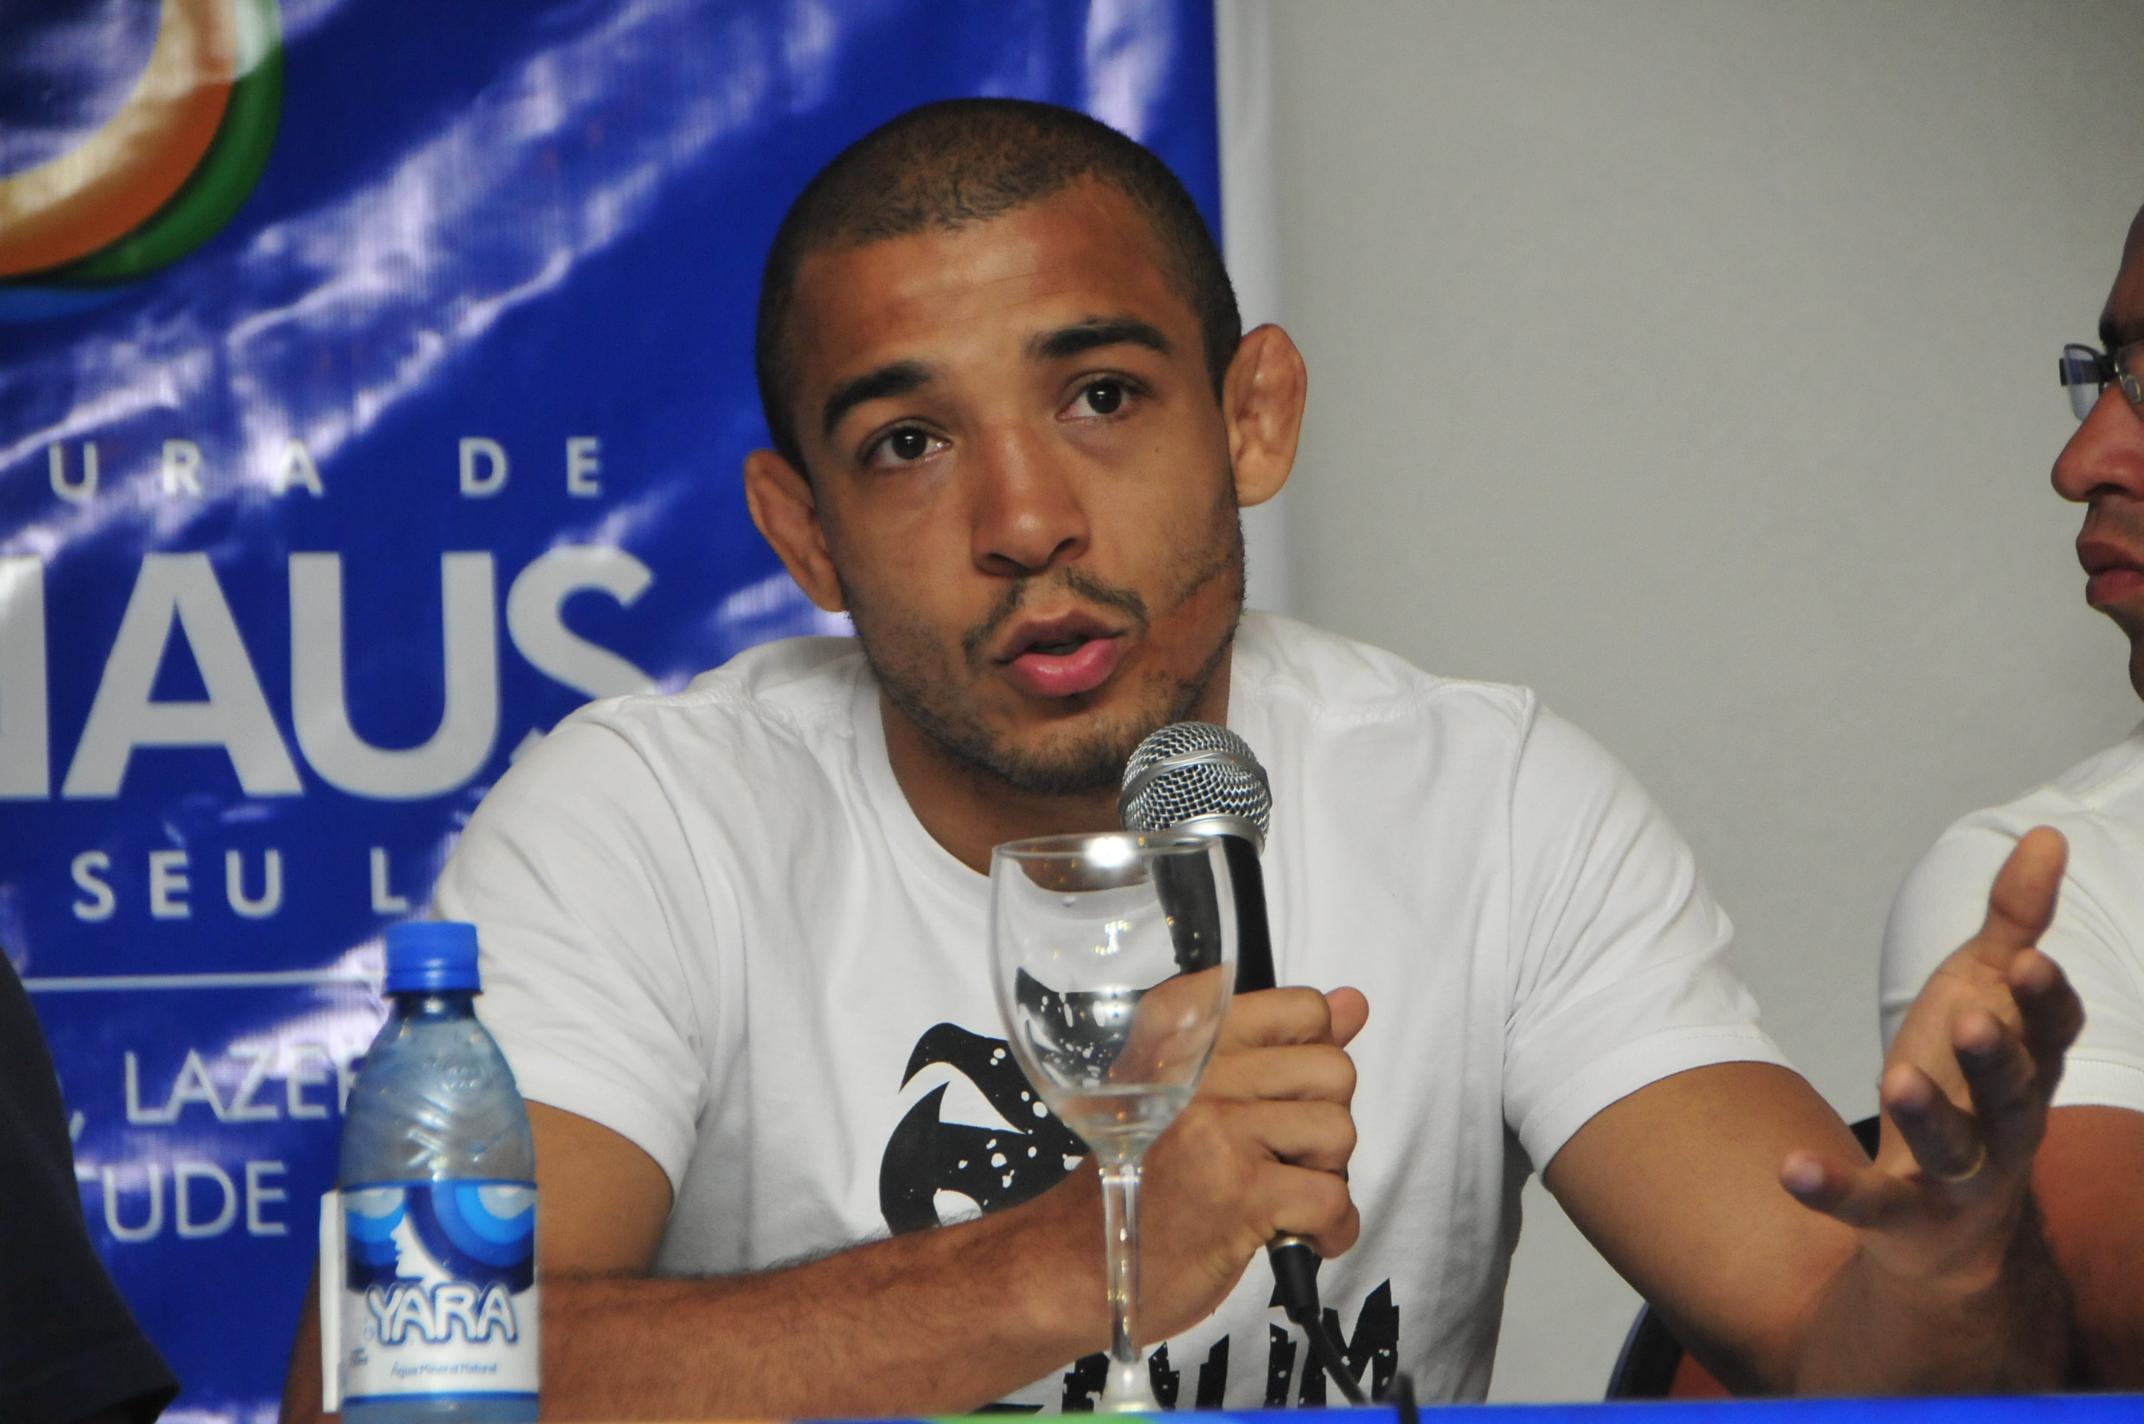 Aldo se contundiu durante o treino para o UFC 189. Foto: Divulgação